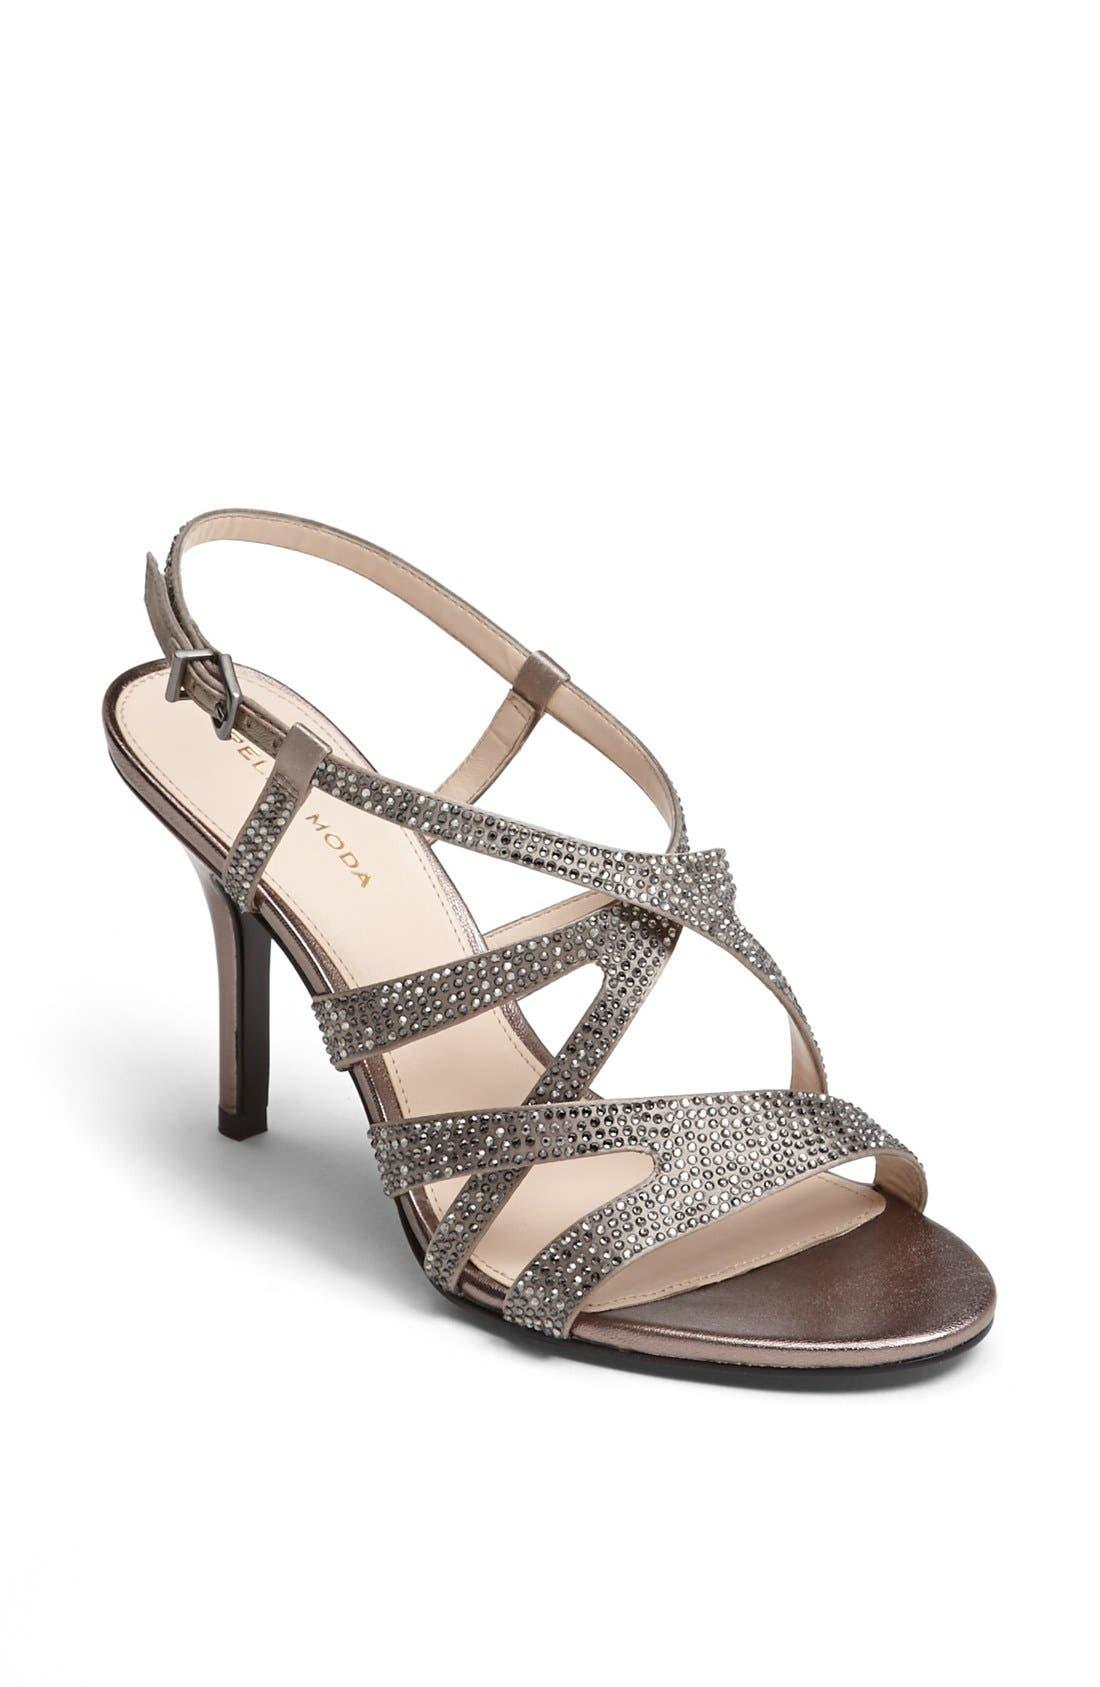 Alternate Image 1 Selected - Pelle Moda 'Rinae' Sandal